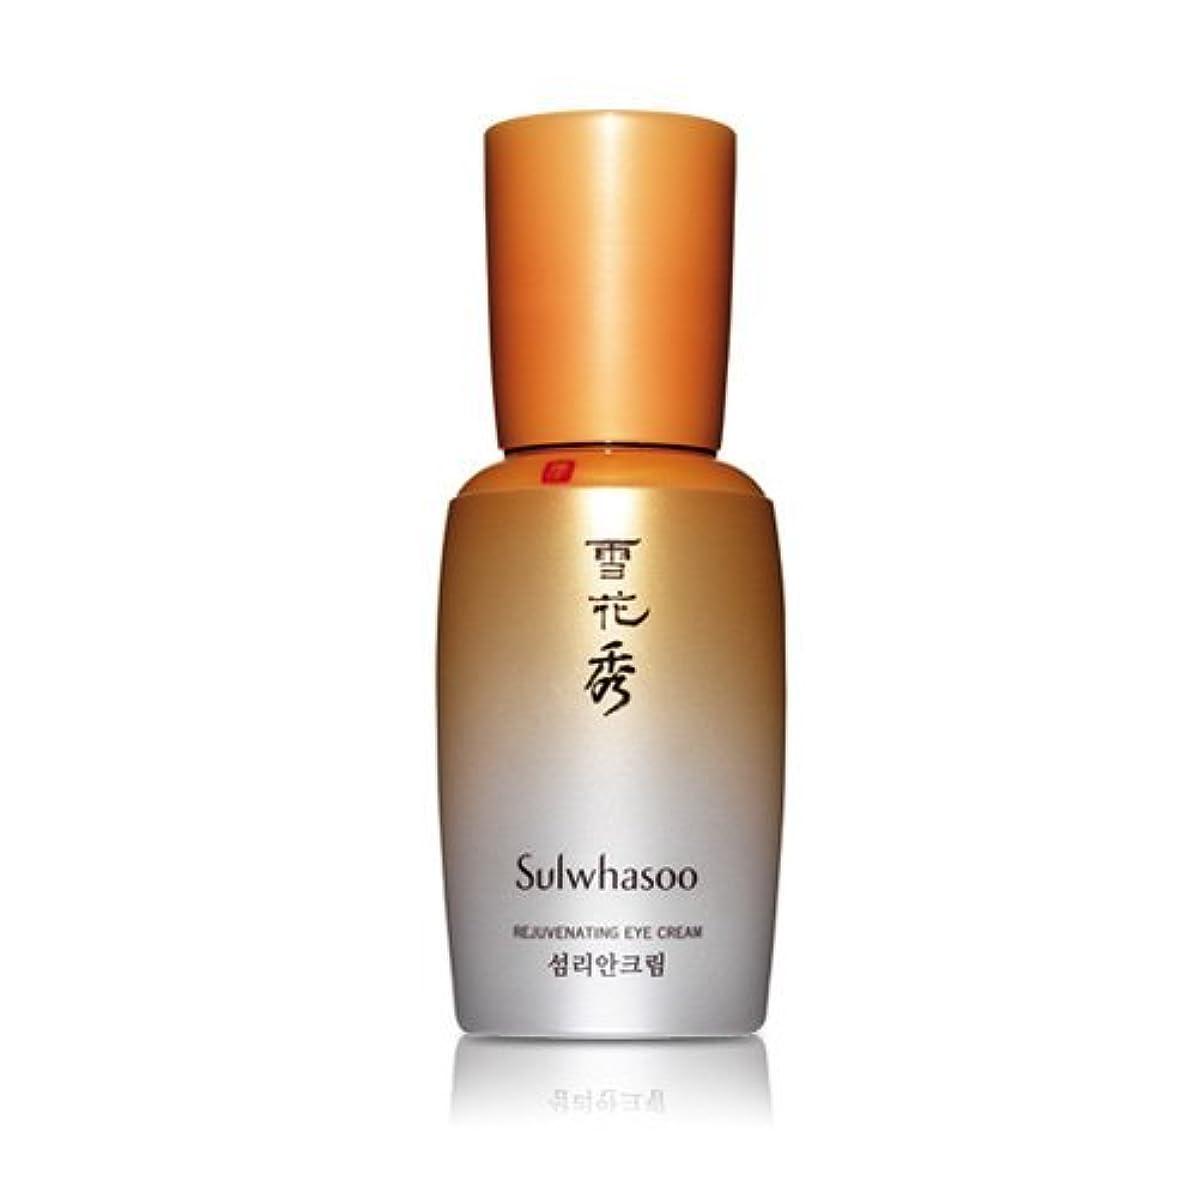 申込み推進、動かす狂った雪花秀/Sulwhasoo/ソルファス 閃理眼(ソムリアン)アイクリーム Rejuvenating Eye Cream 25ml Honest Skin 海外直送品